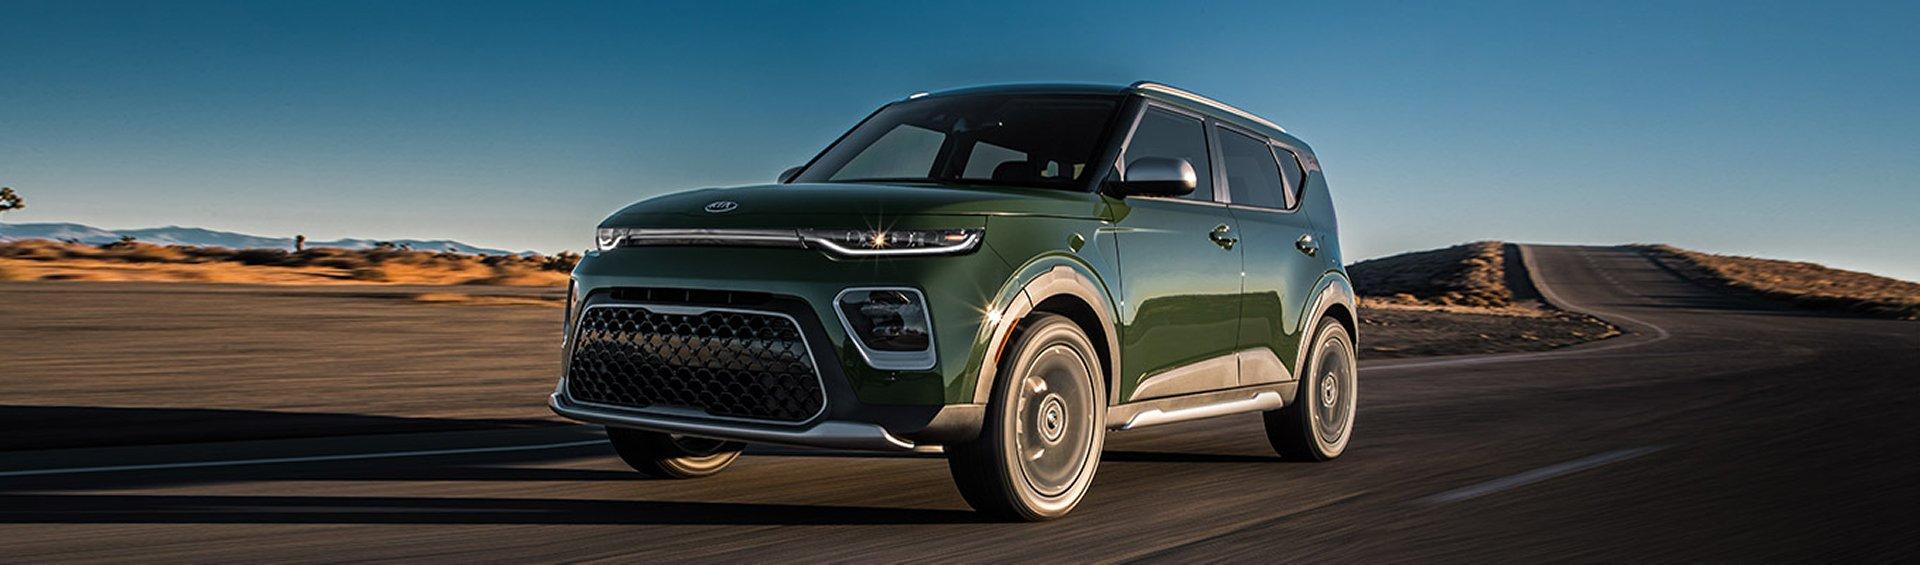 Test drive the 2020 Kia Soul near Littleton CO